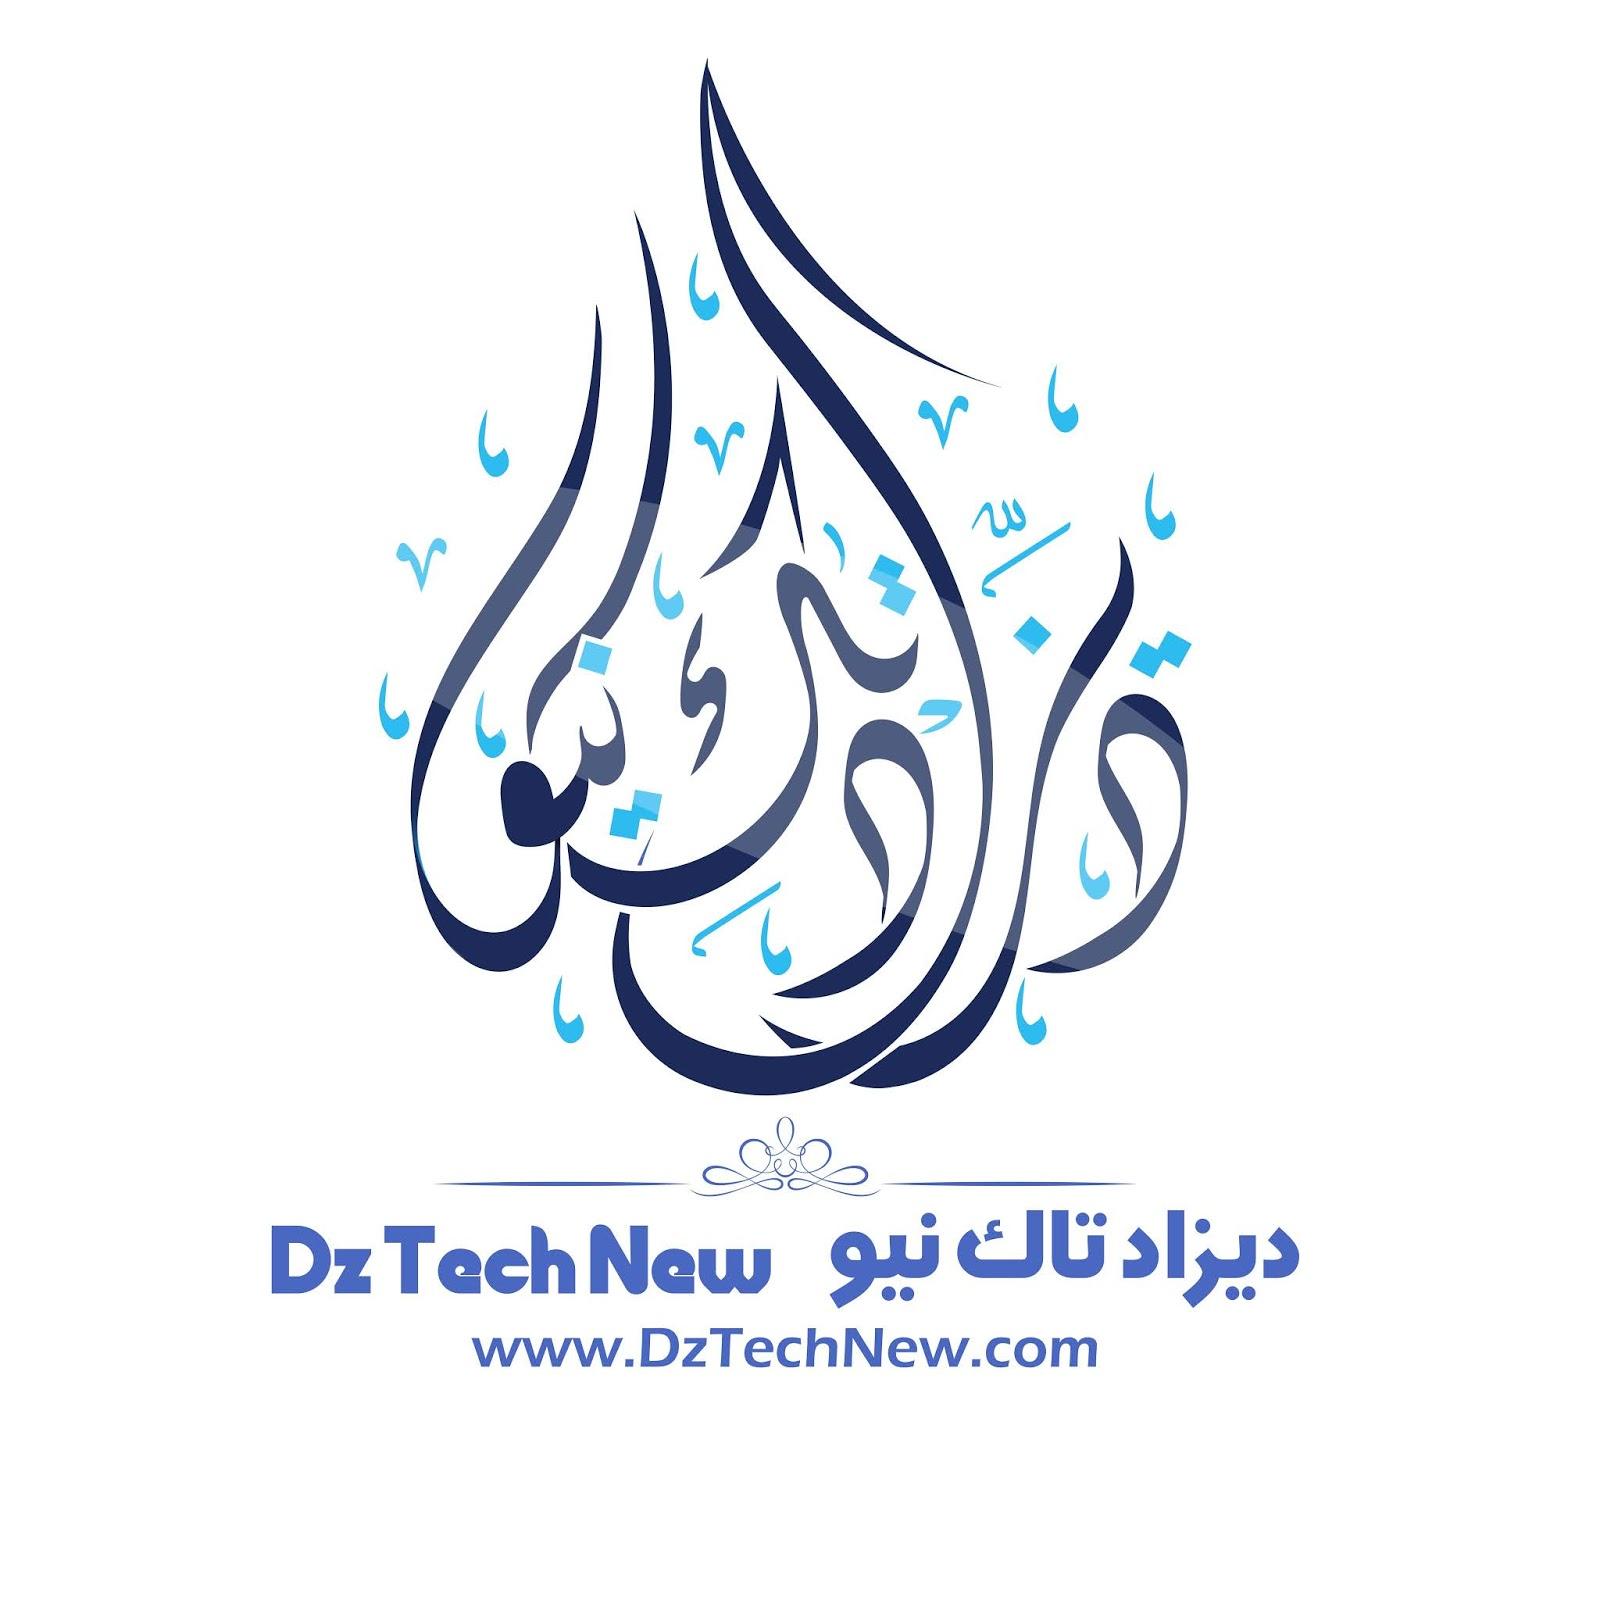 DzTechNew - ديزاد تاك نيو